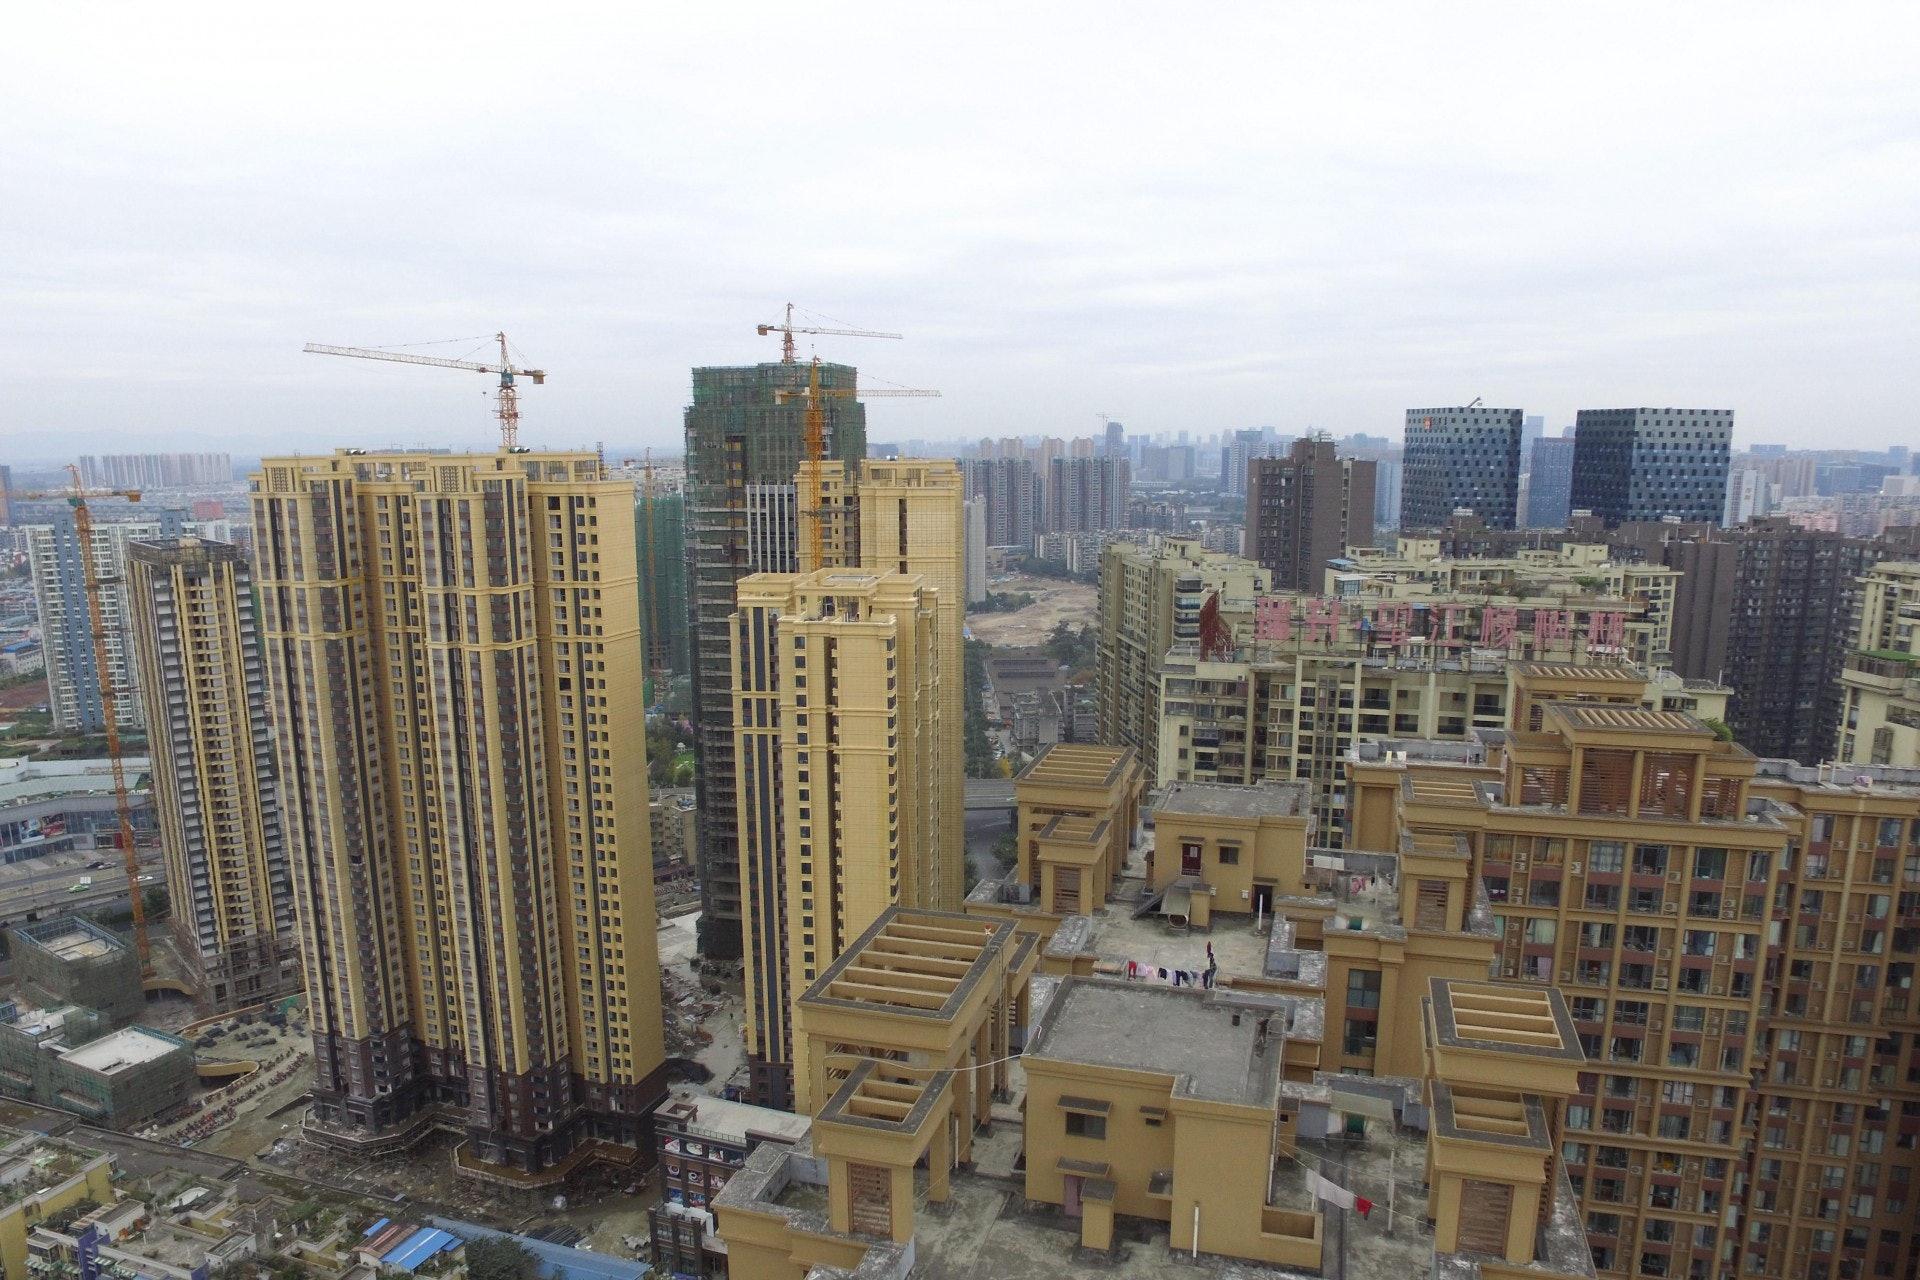 中國社科院世界經濟與政治研究所國際投資研究室主任張明指出,三四線城市的買樓客難以再加槓桿,樓市增長大幅放緩,連帶整體銷售額會大減,當地中小地產商將會遇上困難。(中新社)